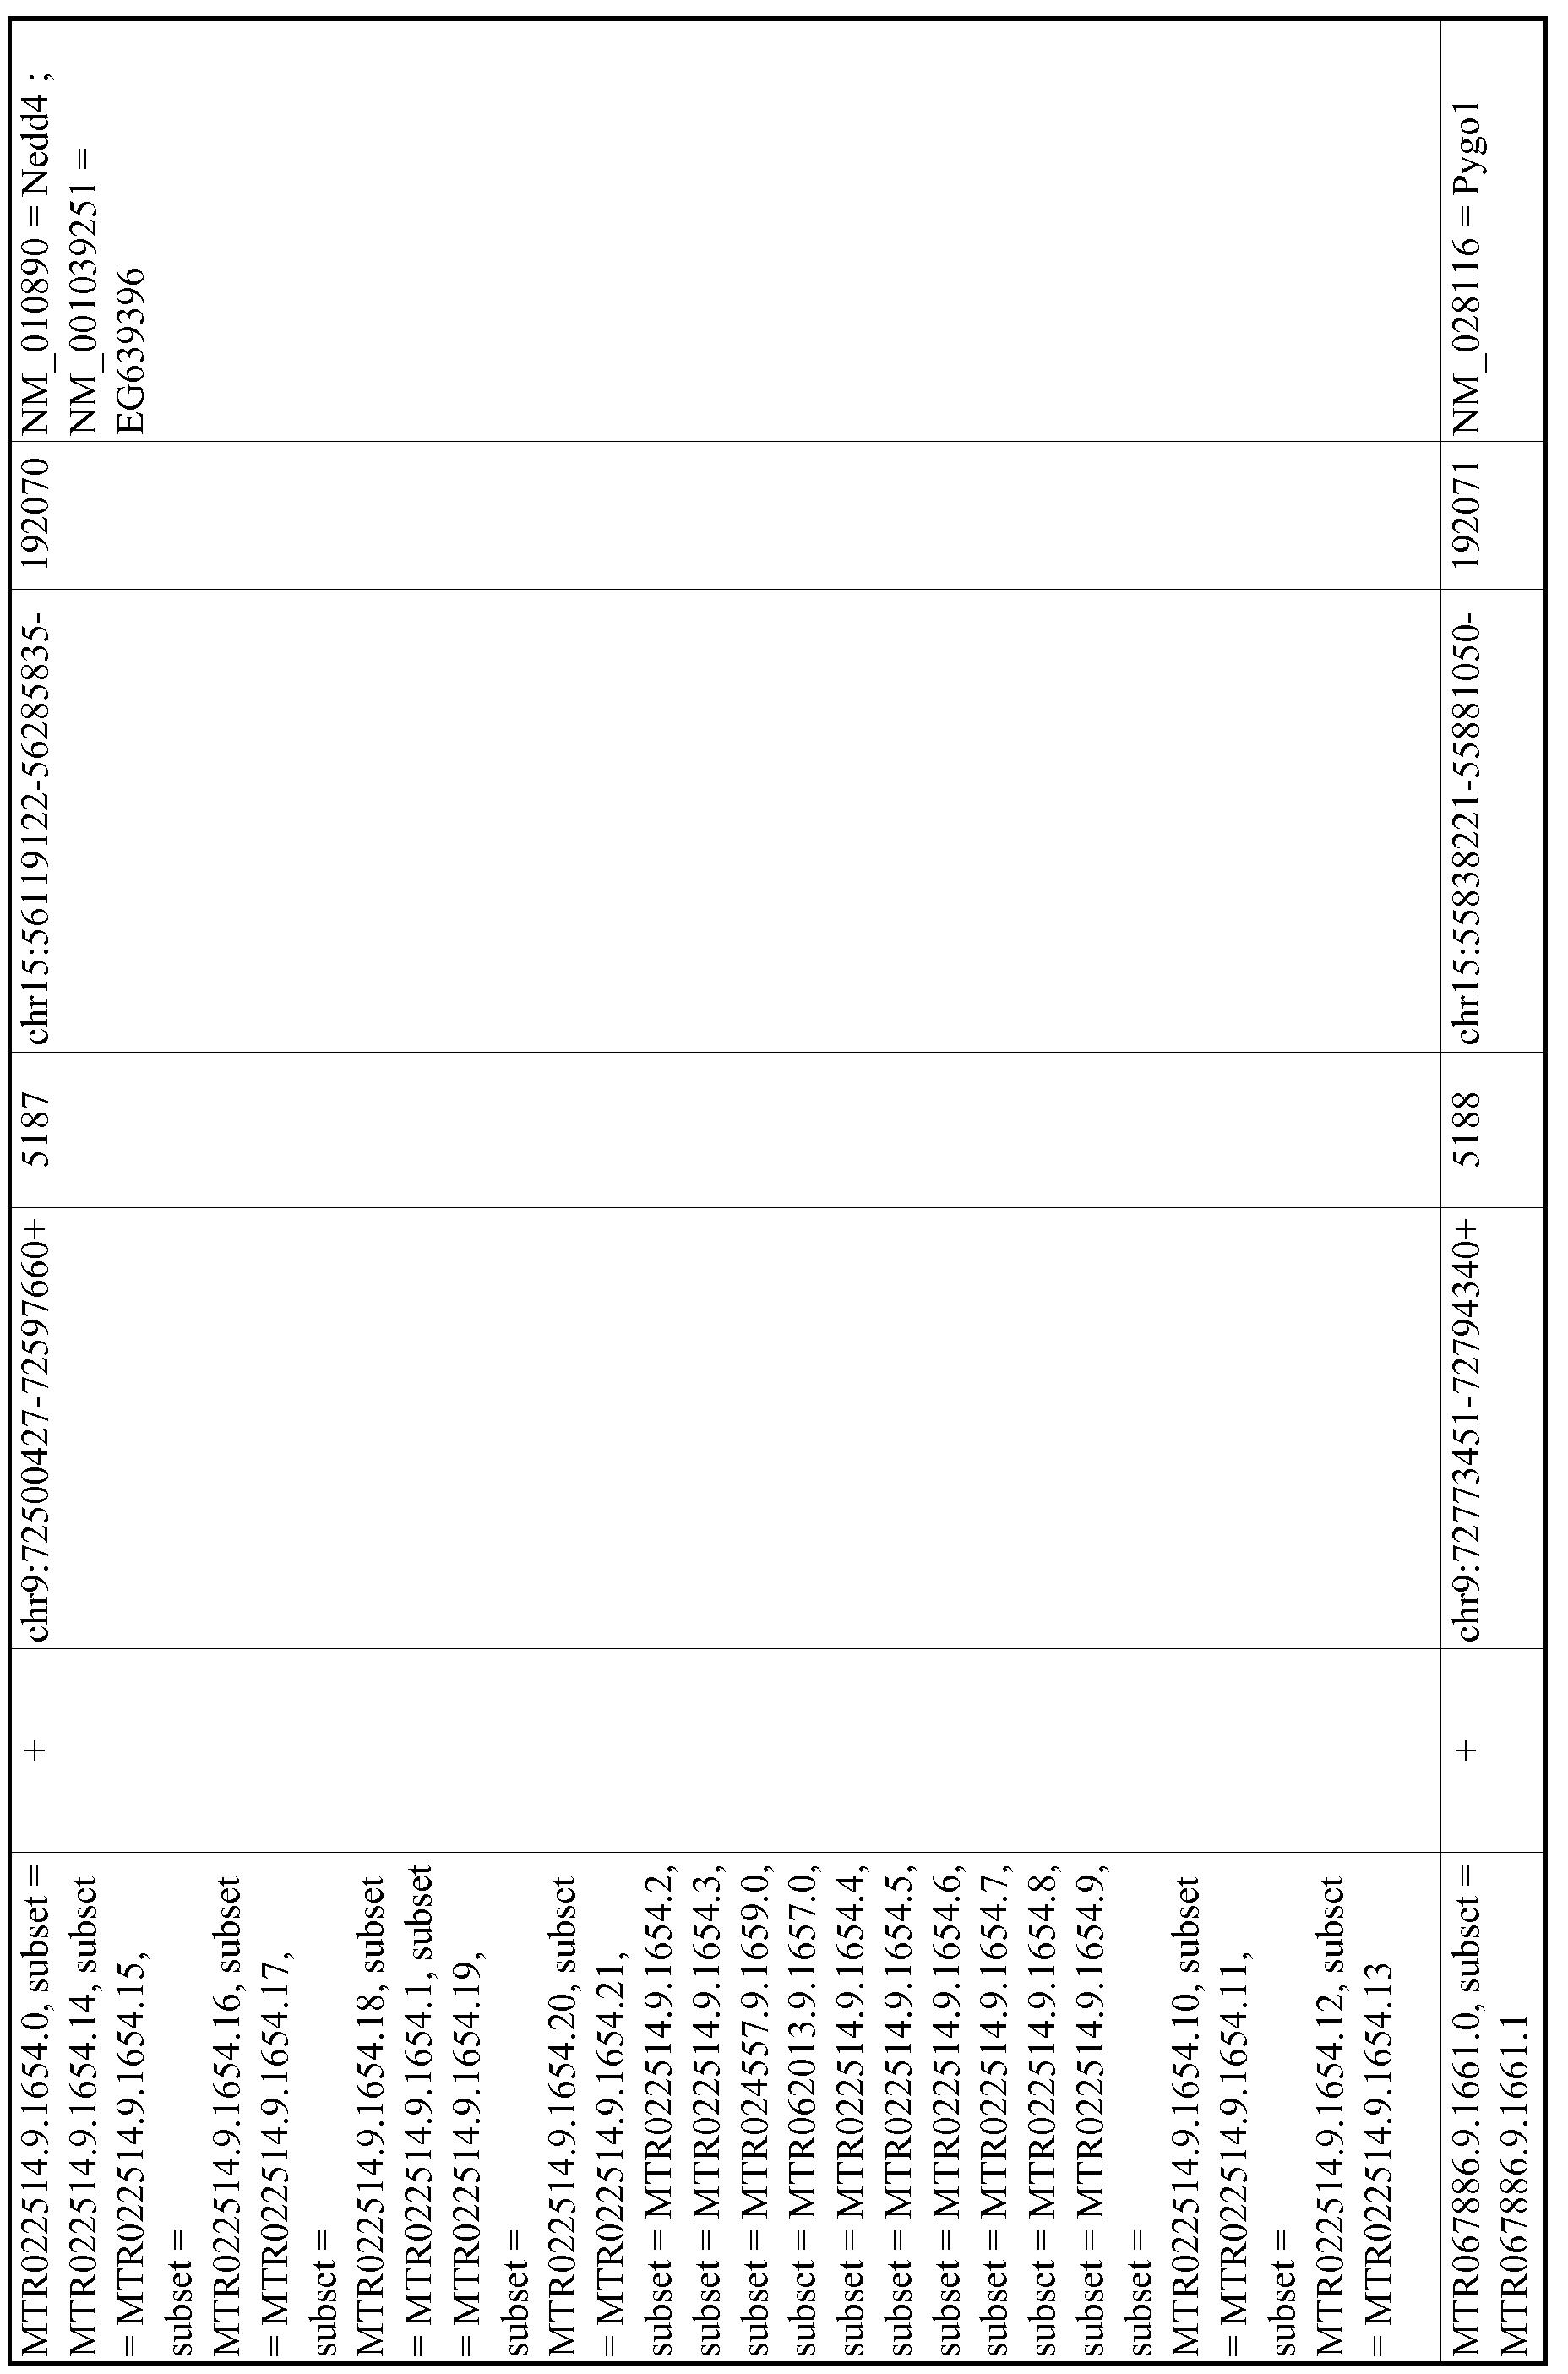 Figure imgf000943_0001